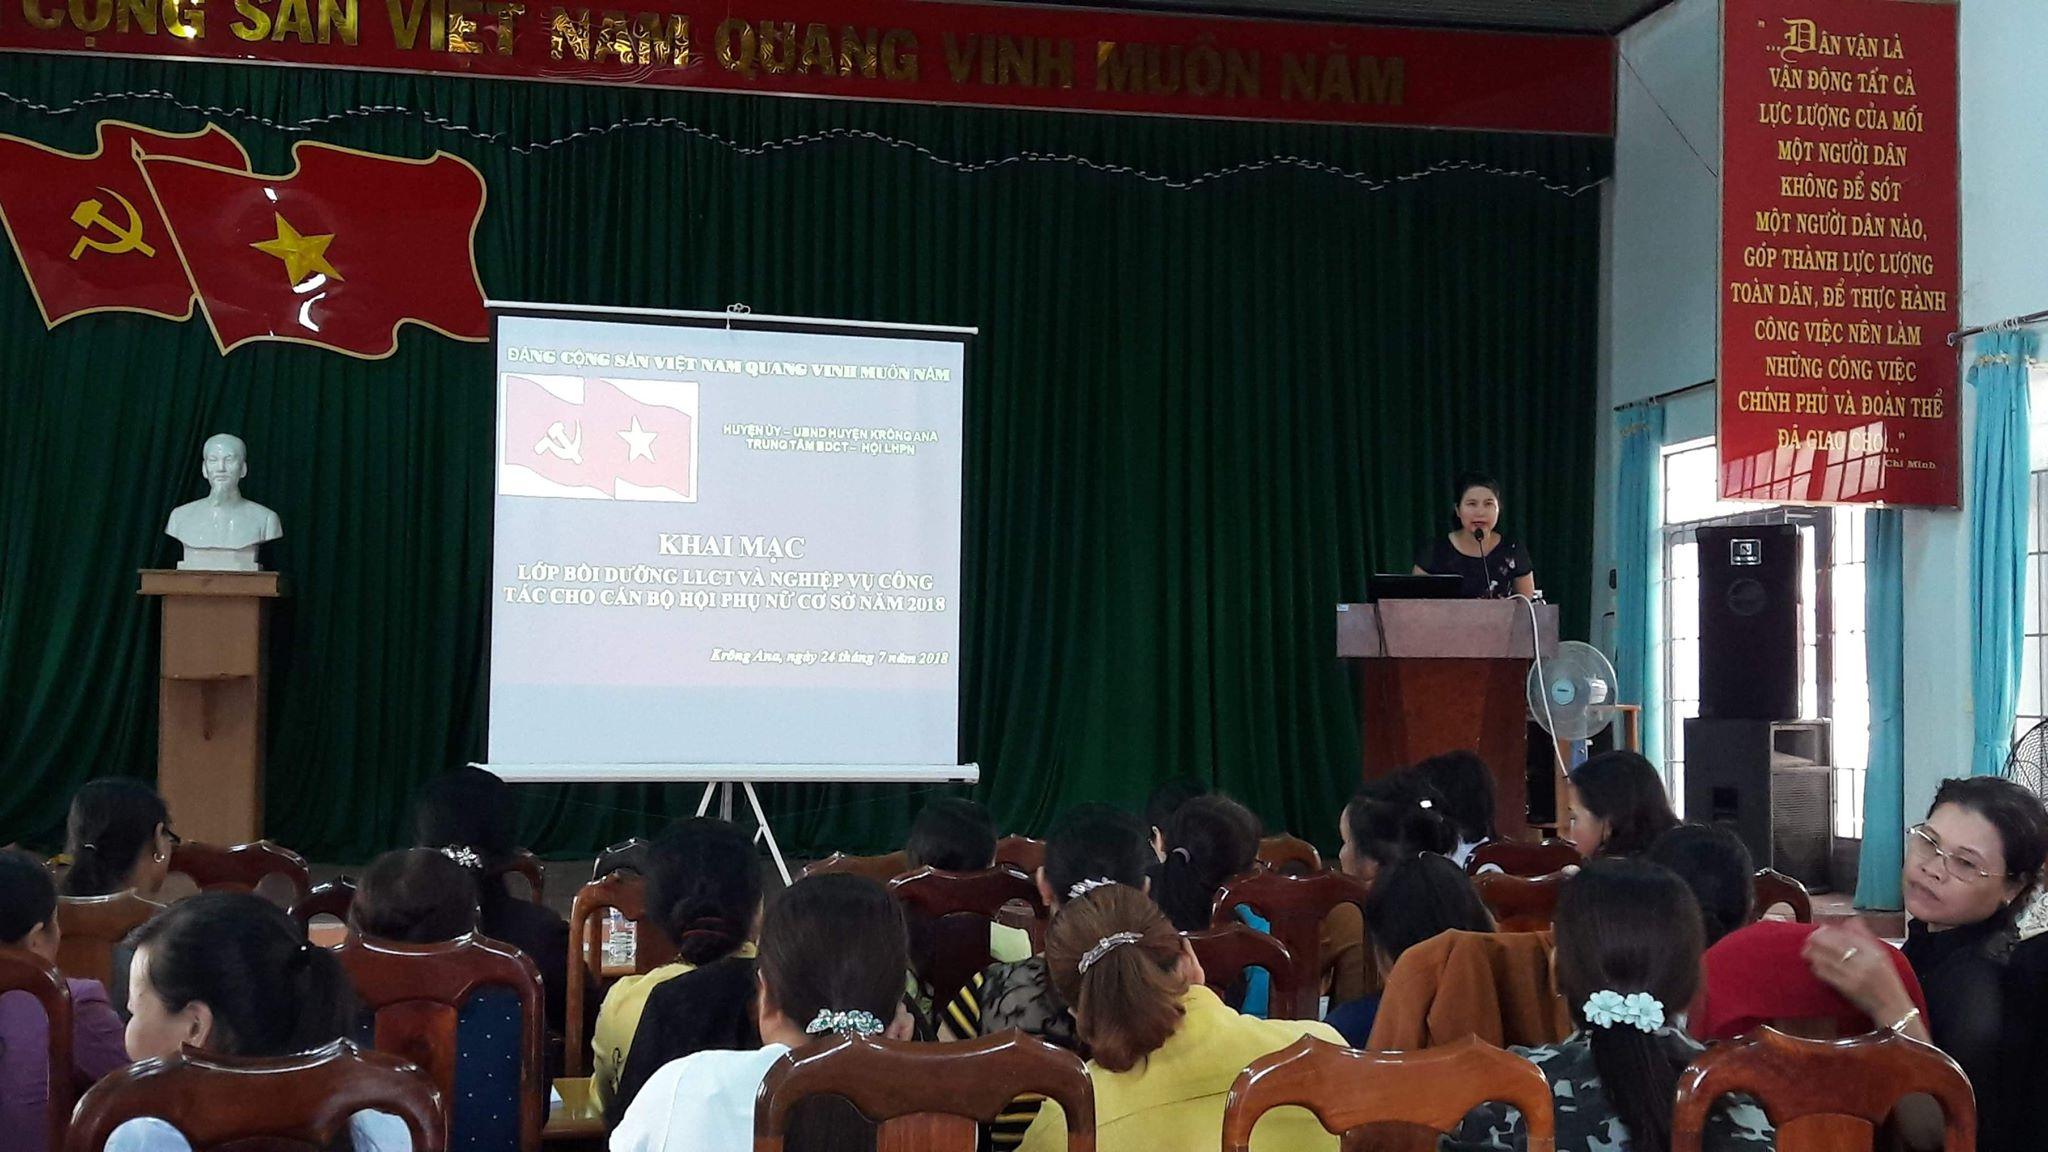 Huyện Krông Ana mở lớp Bồi dưỡng nghiệp vụ công tác Hội phụ nữ cơ sở năm 2018